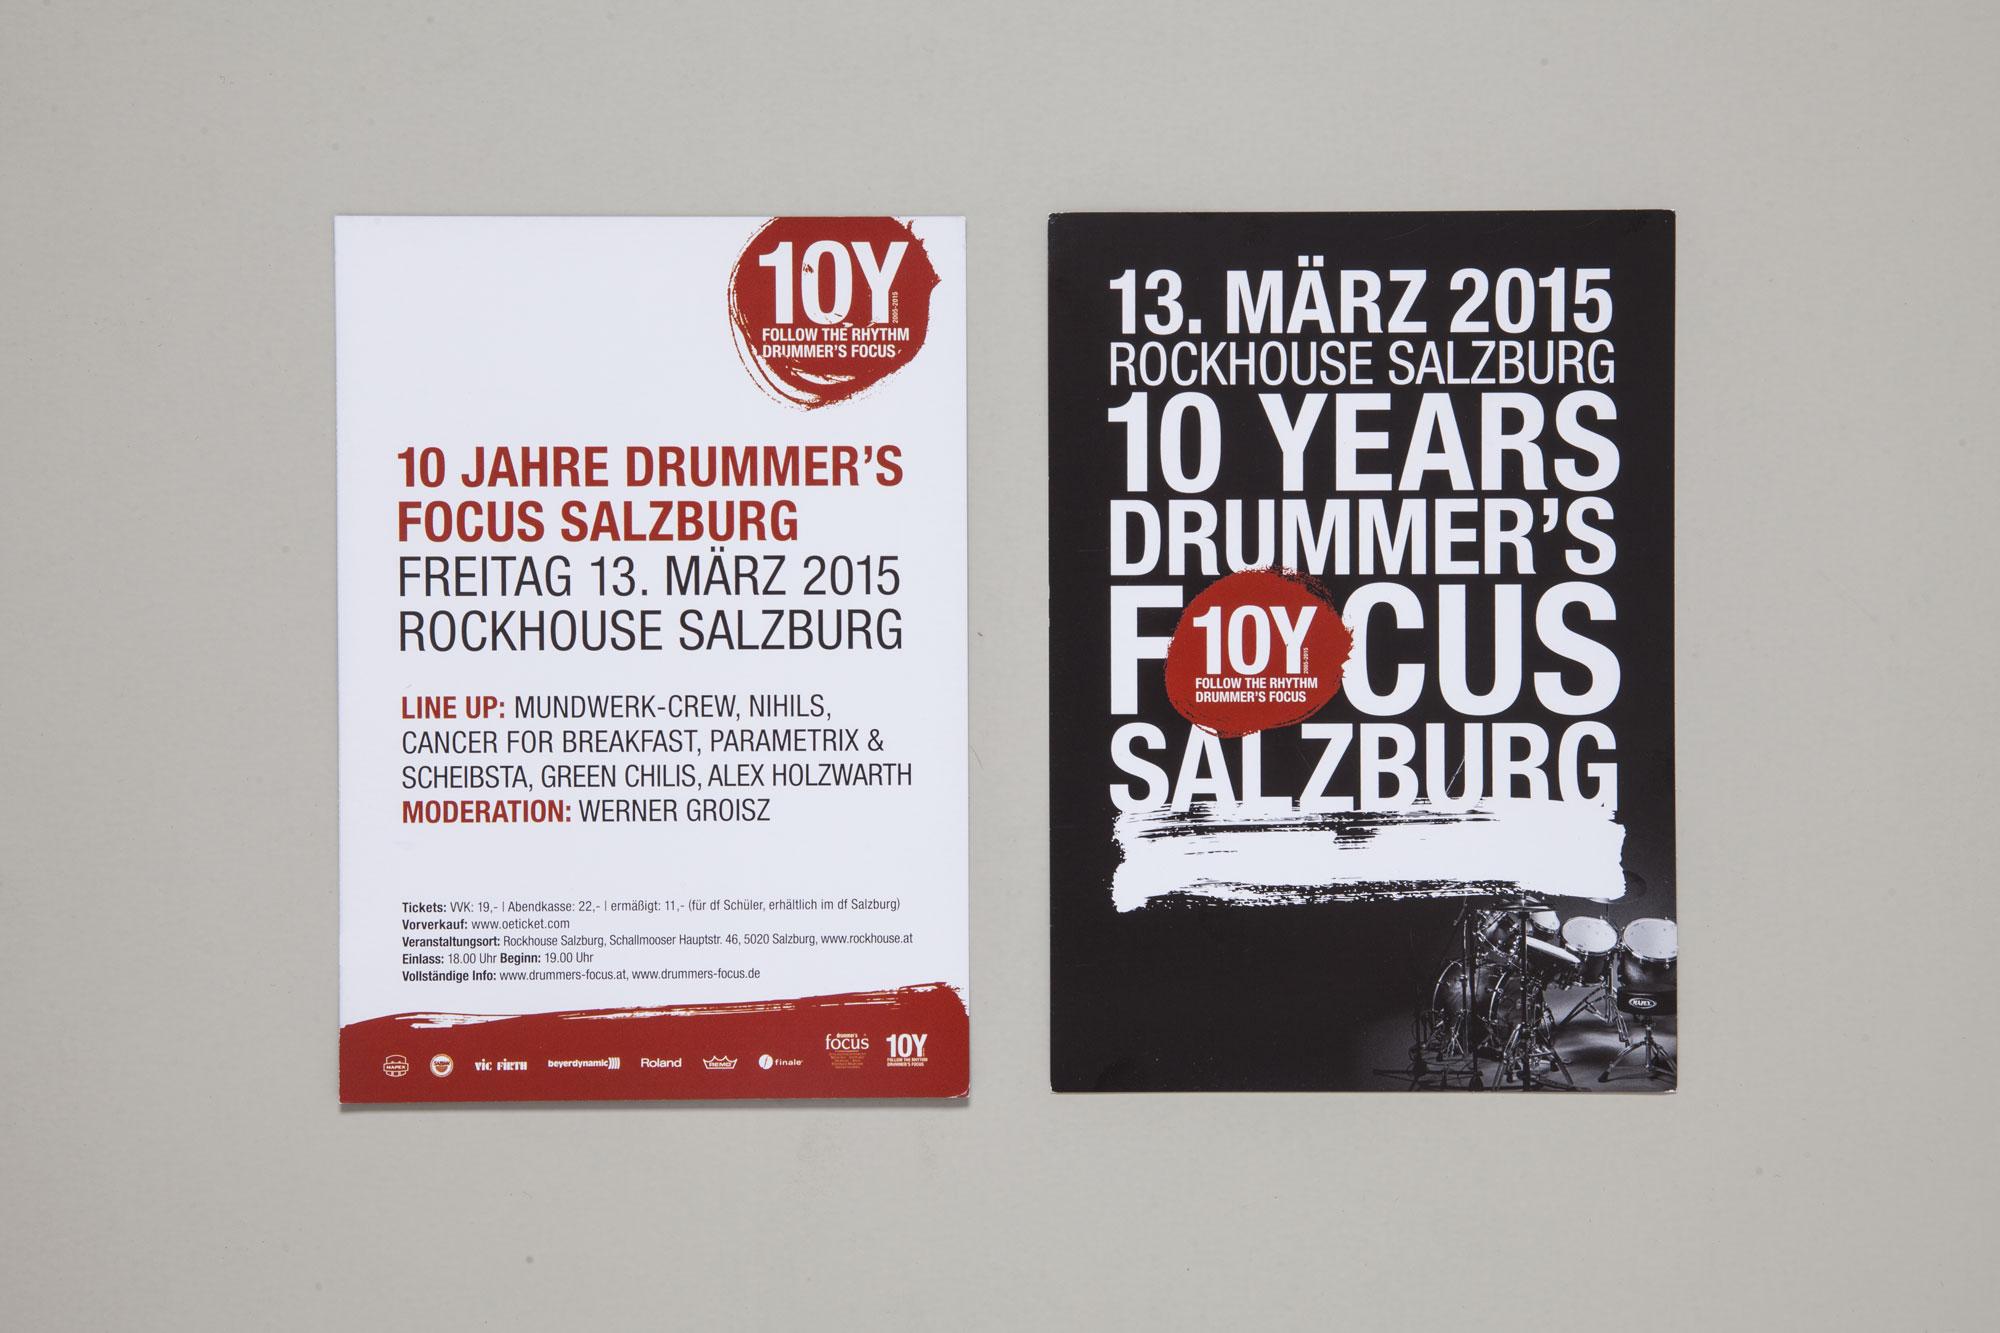 75a Büro für Gestaltung aus Stuttgart gestaltet die Drucksachen für 10Y drummer's focus Salzburg